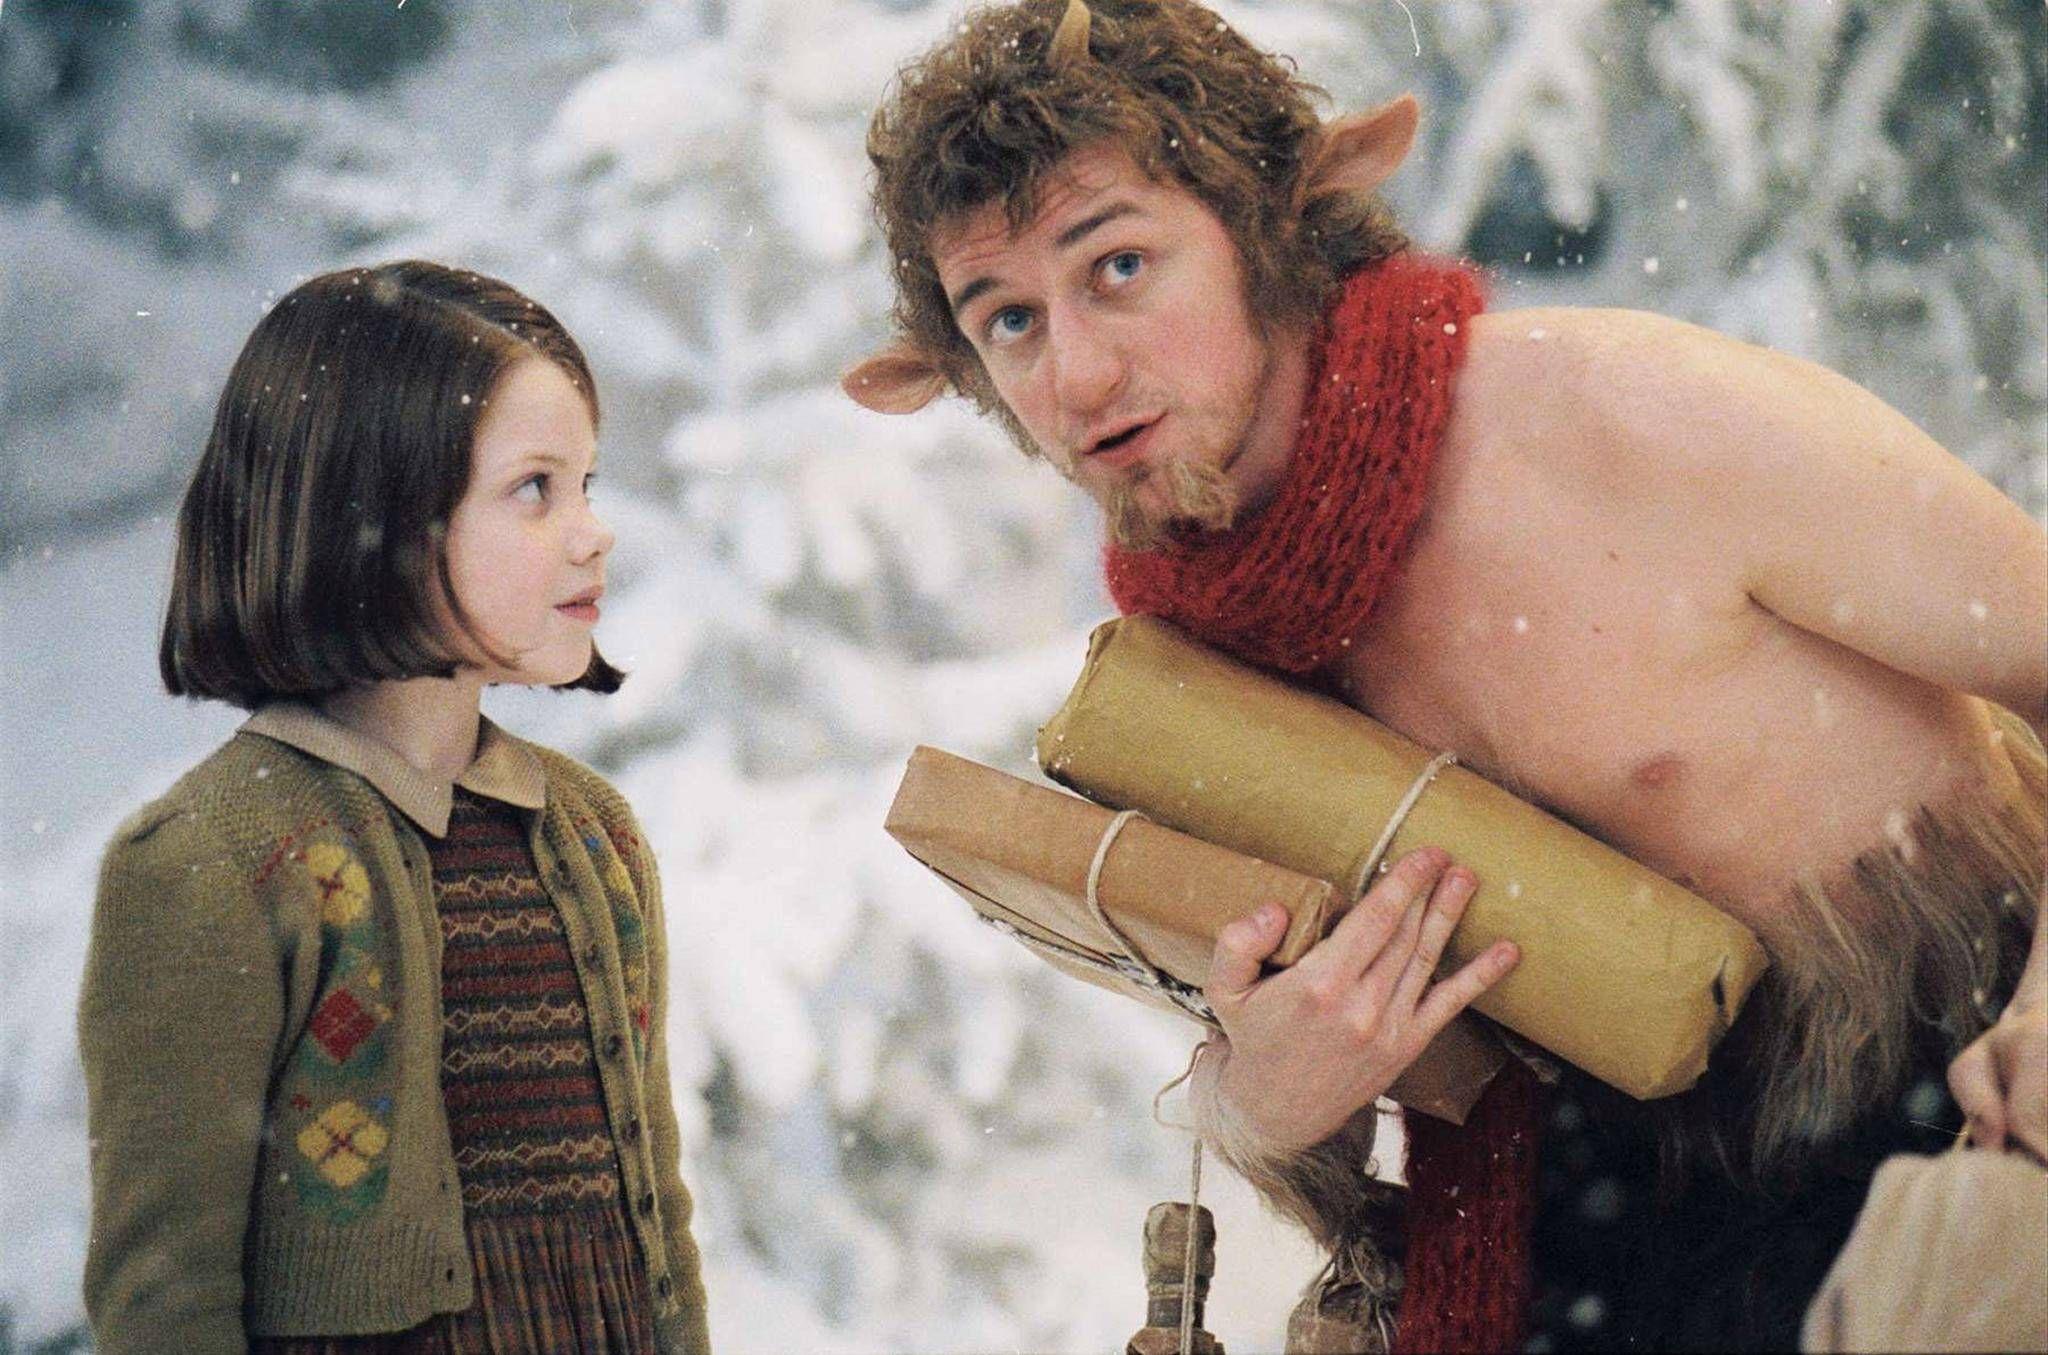 Le Cronache di Narnia la Tristar pensa al reboot con La Sedia d Argento